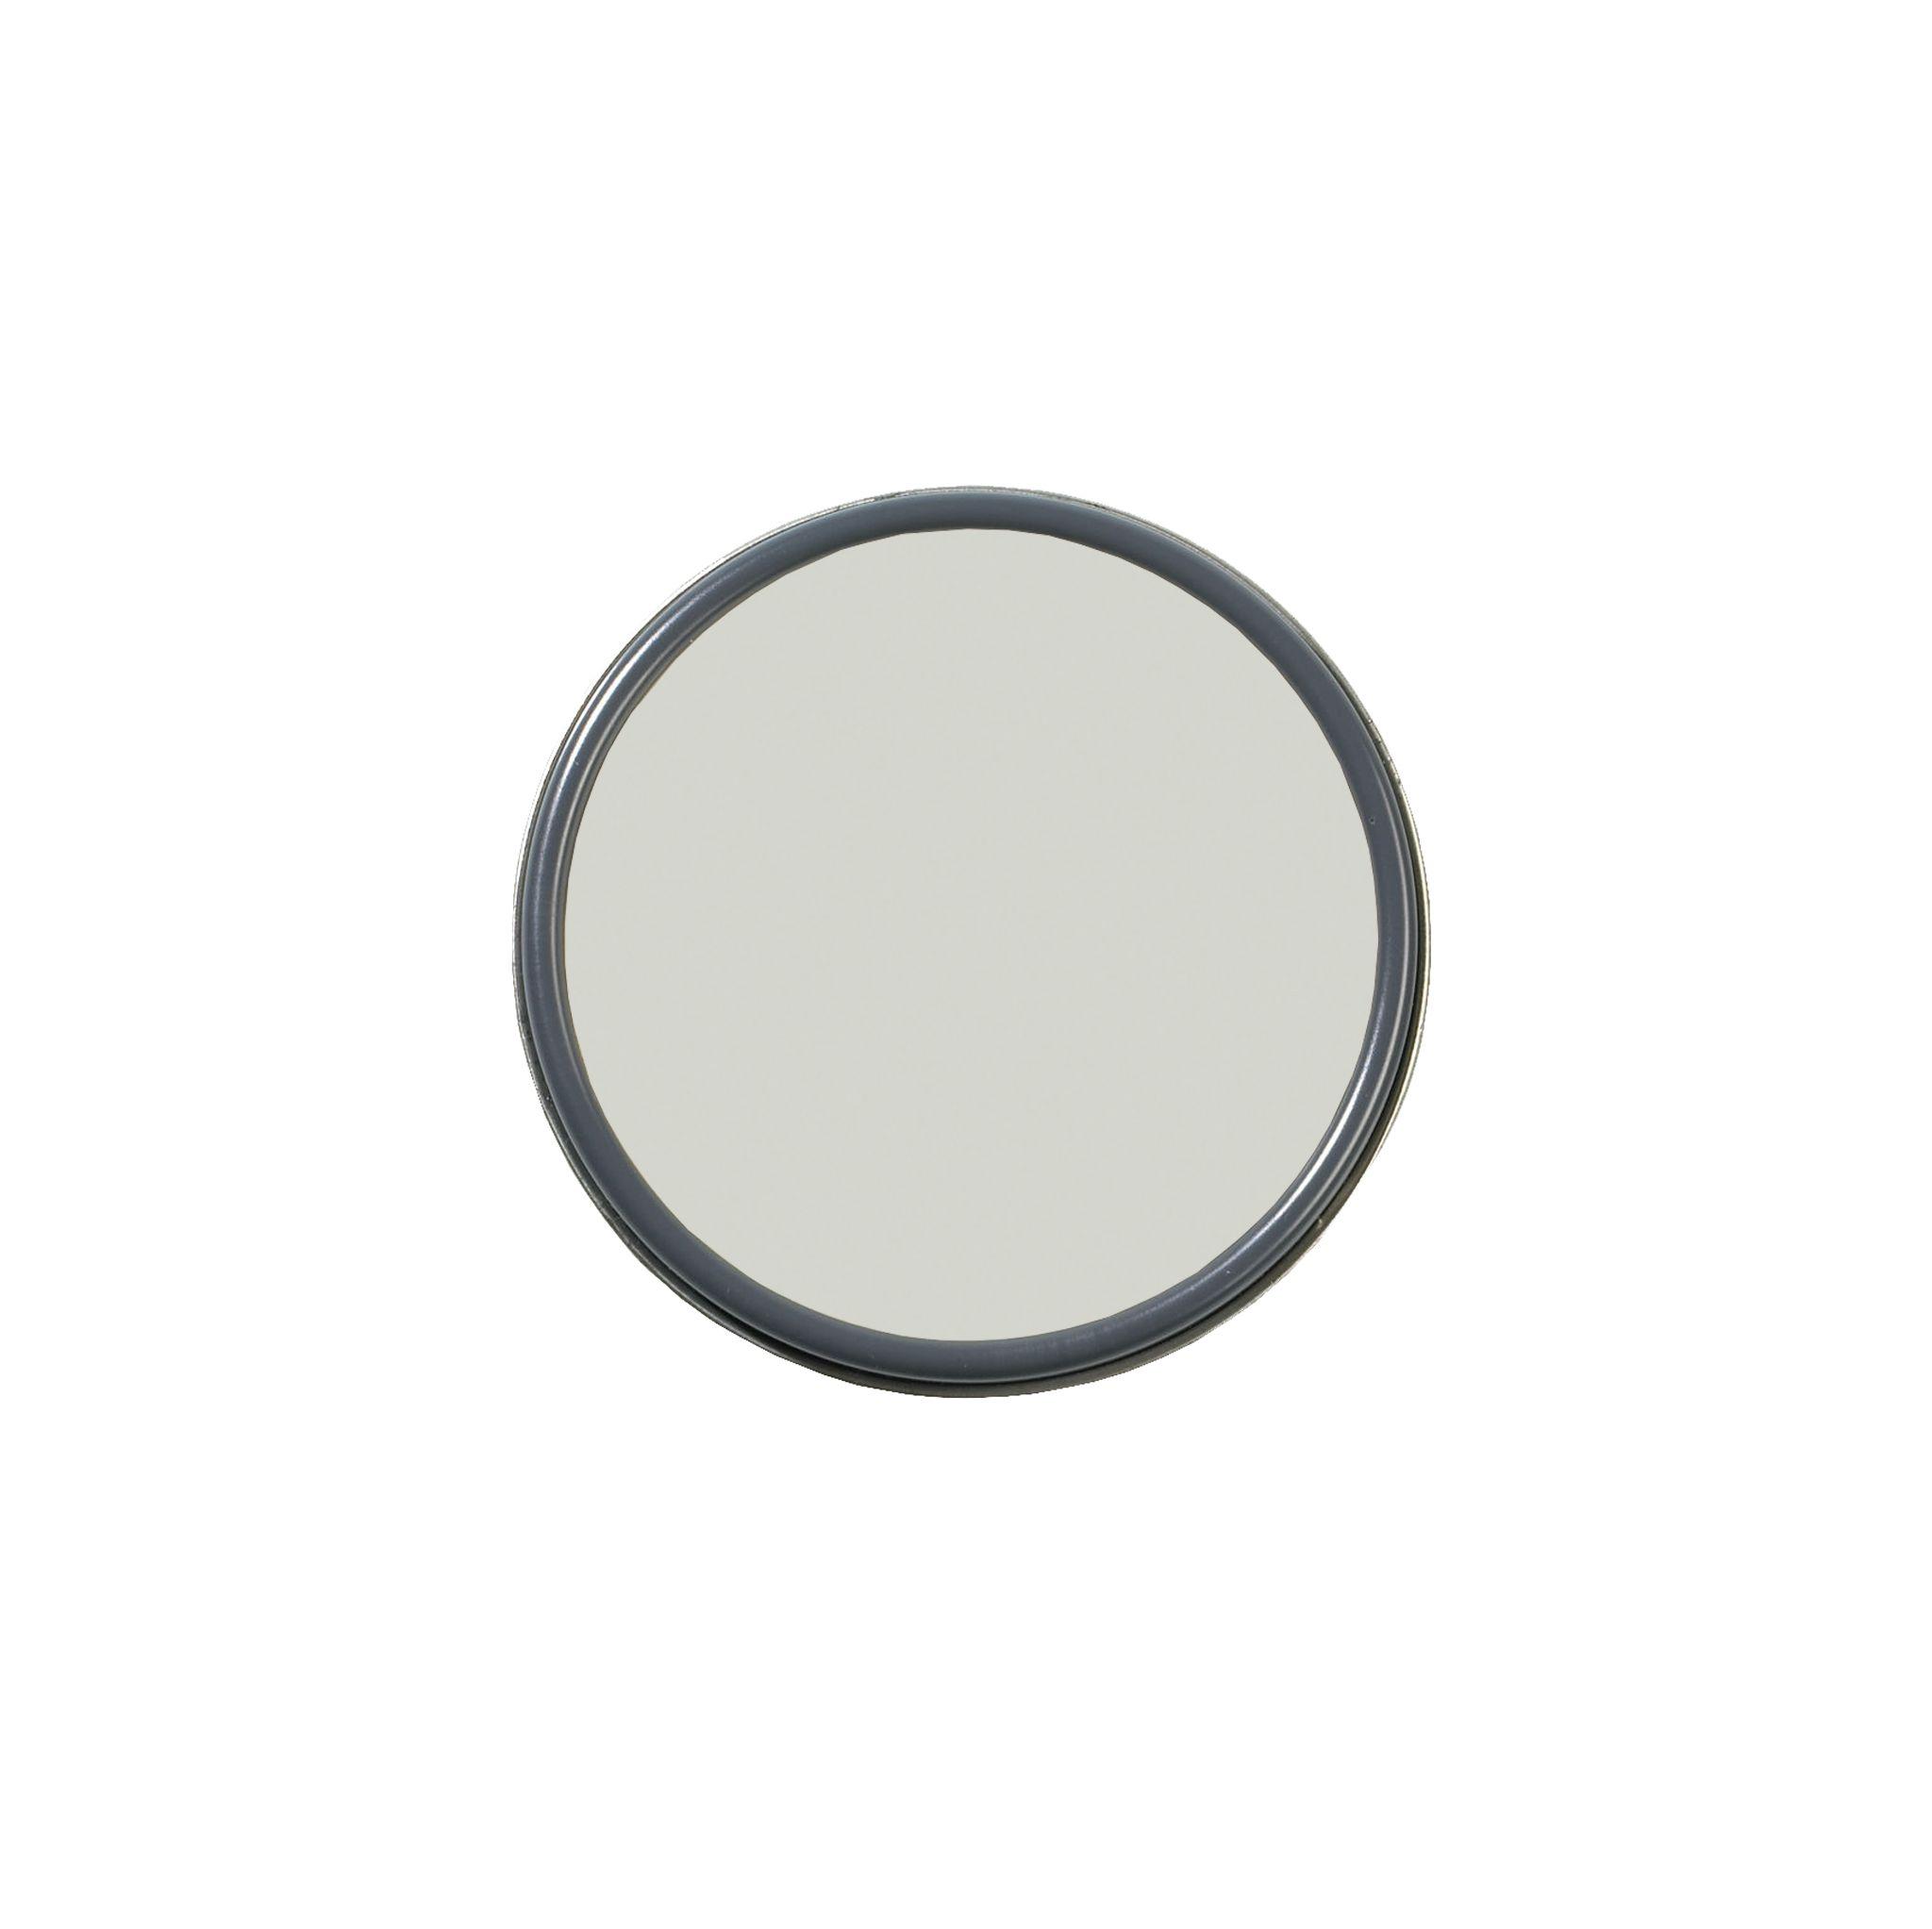 Faded Gray